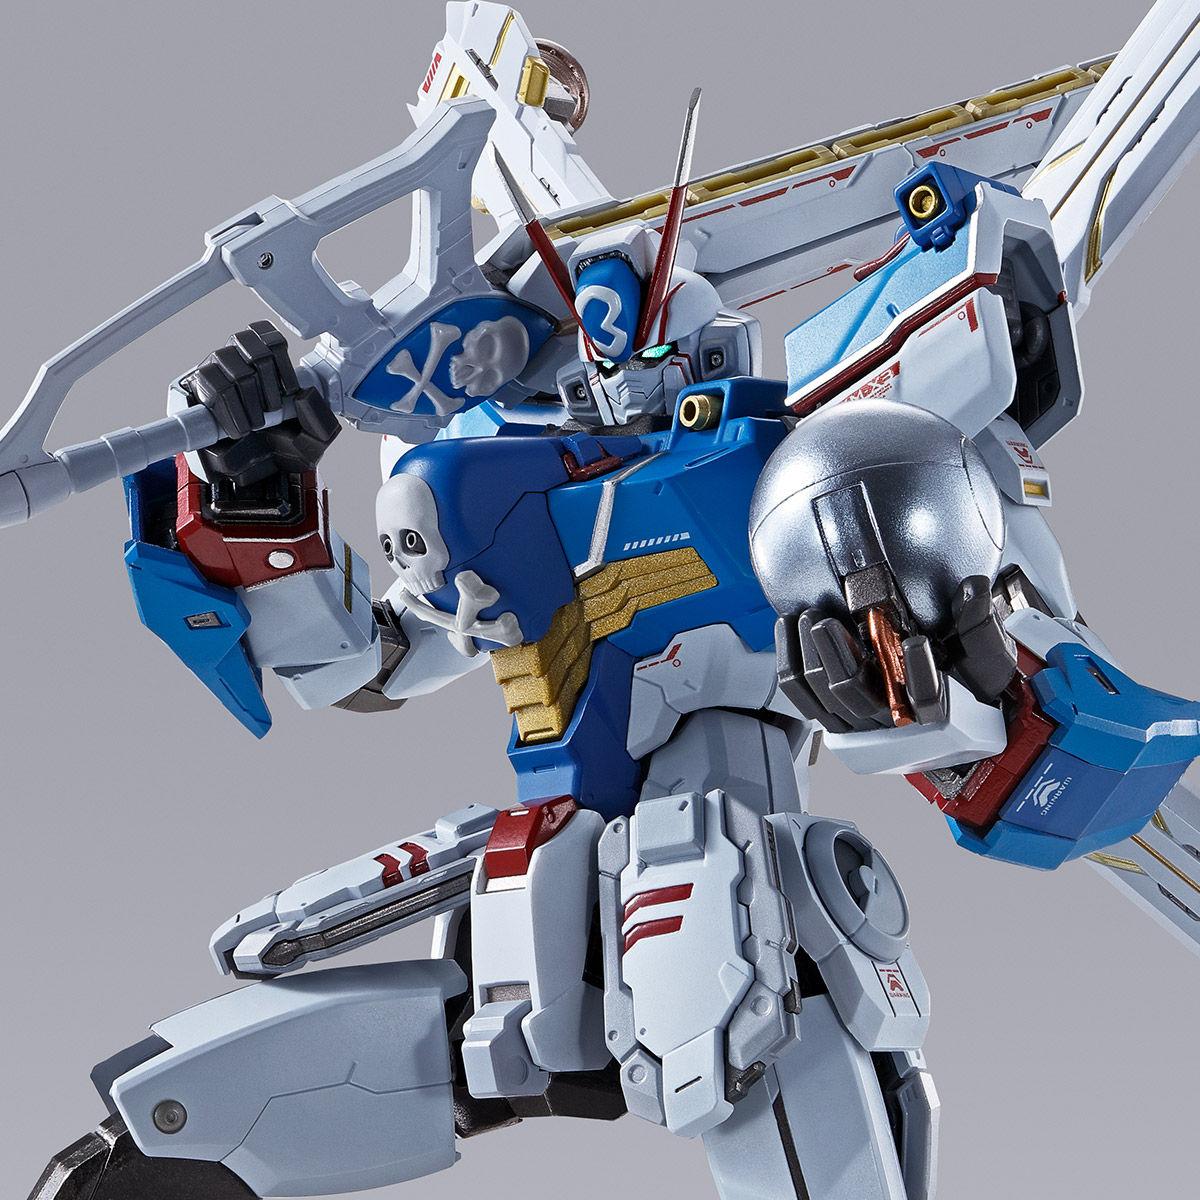 【限定販売】METAL BUILD『クロスボーン・ガンダムX3』機動戦士クロスボーン・ガンダム 可動フィギュア-001